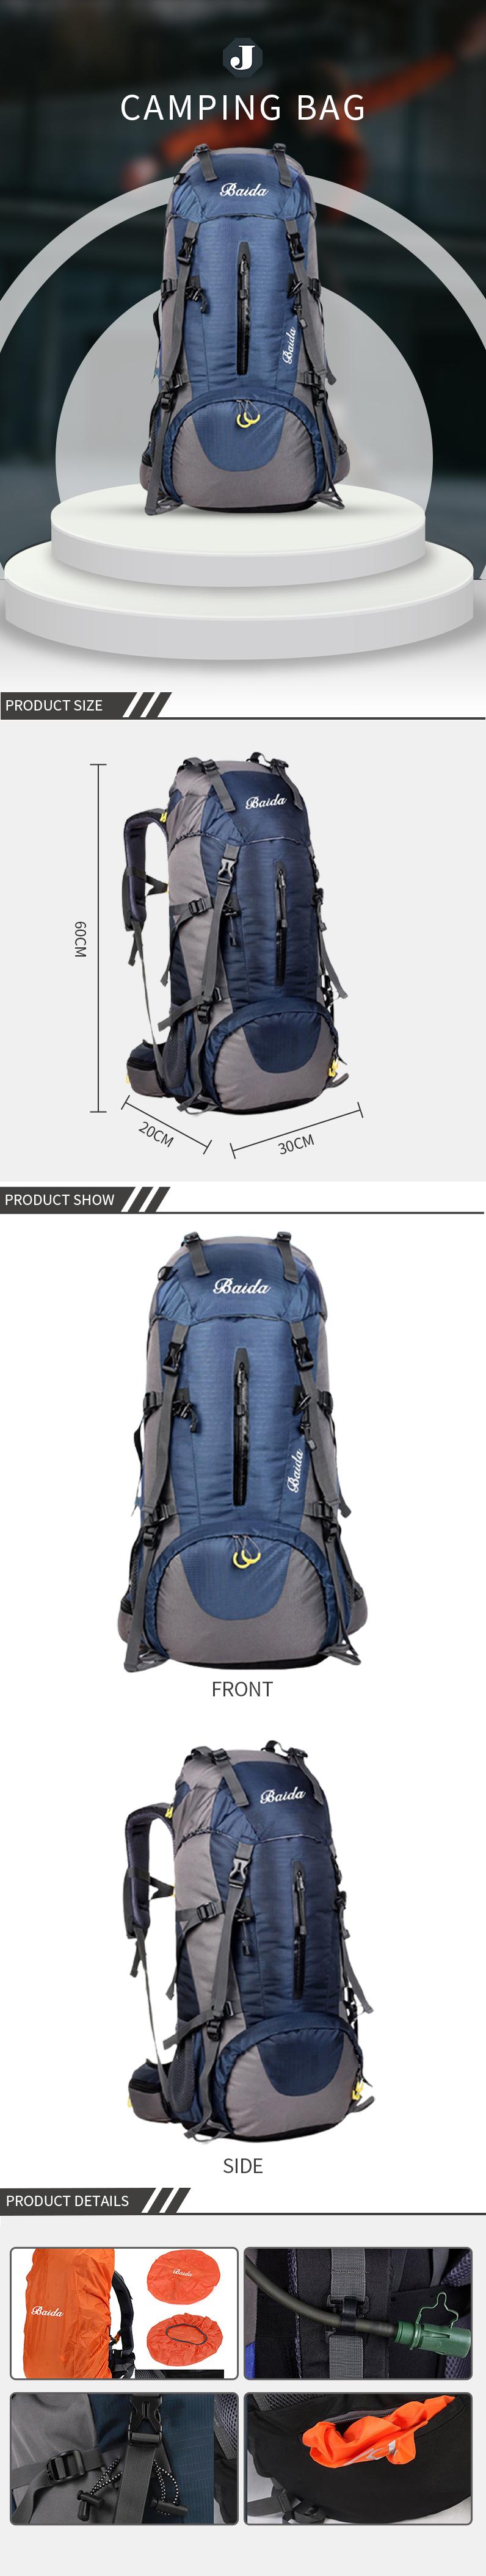 Camping bag-006.jpg